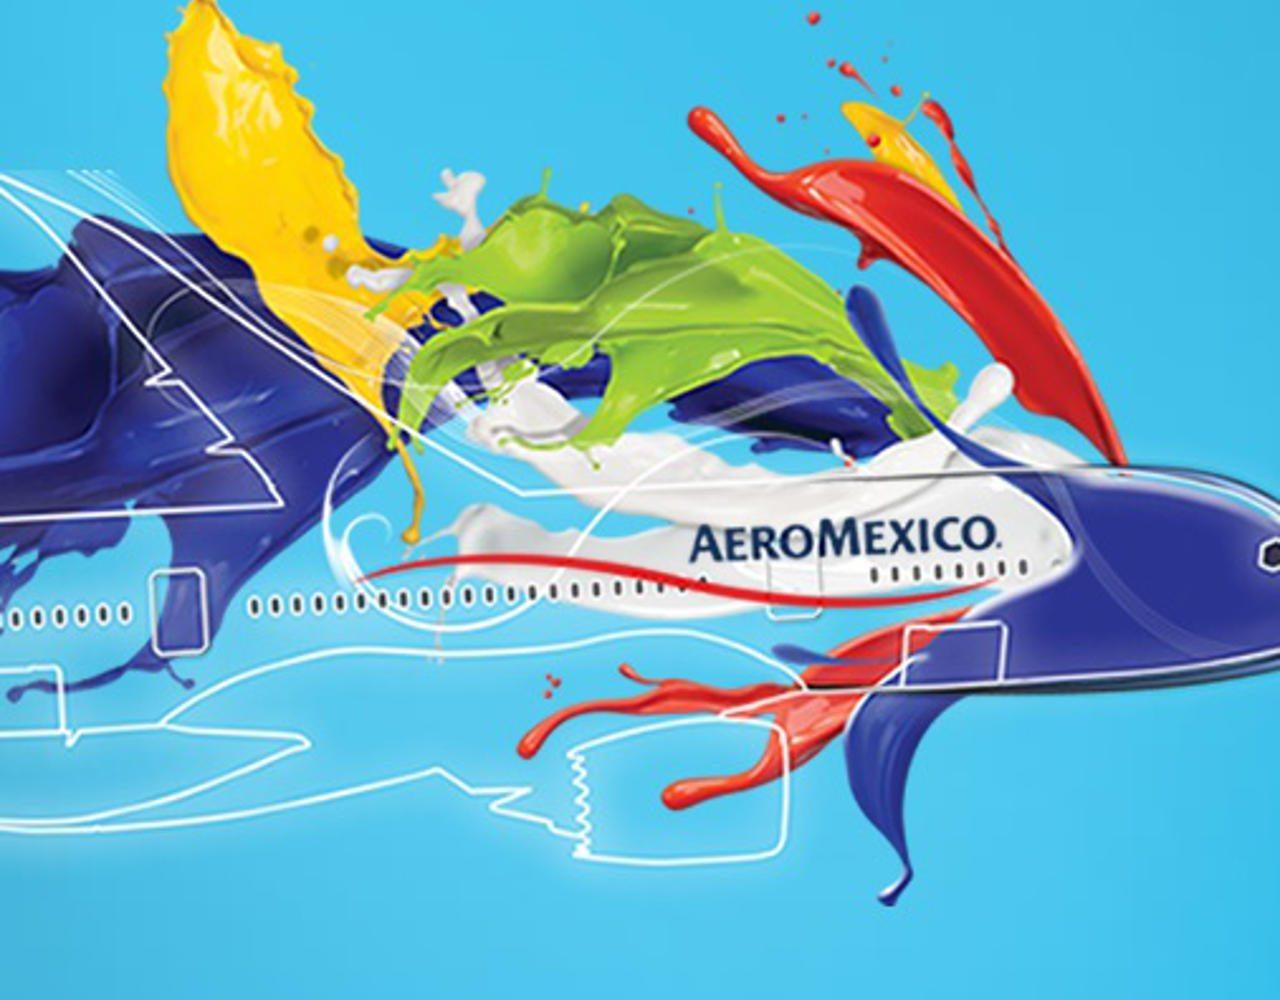 Grupo Aeroméxico consolida la información financiera con soluciones en la nube